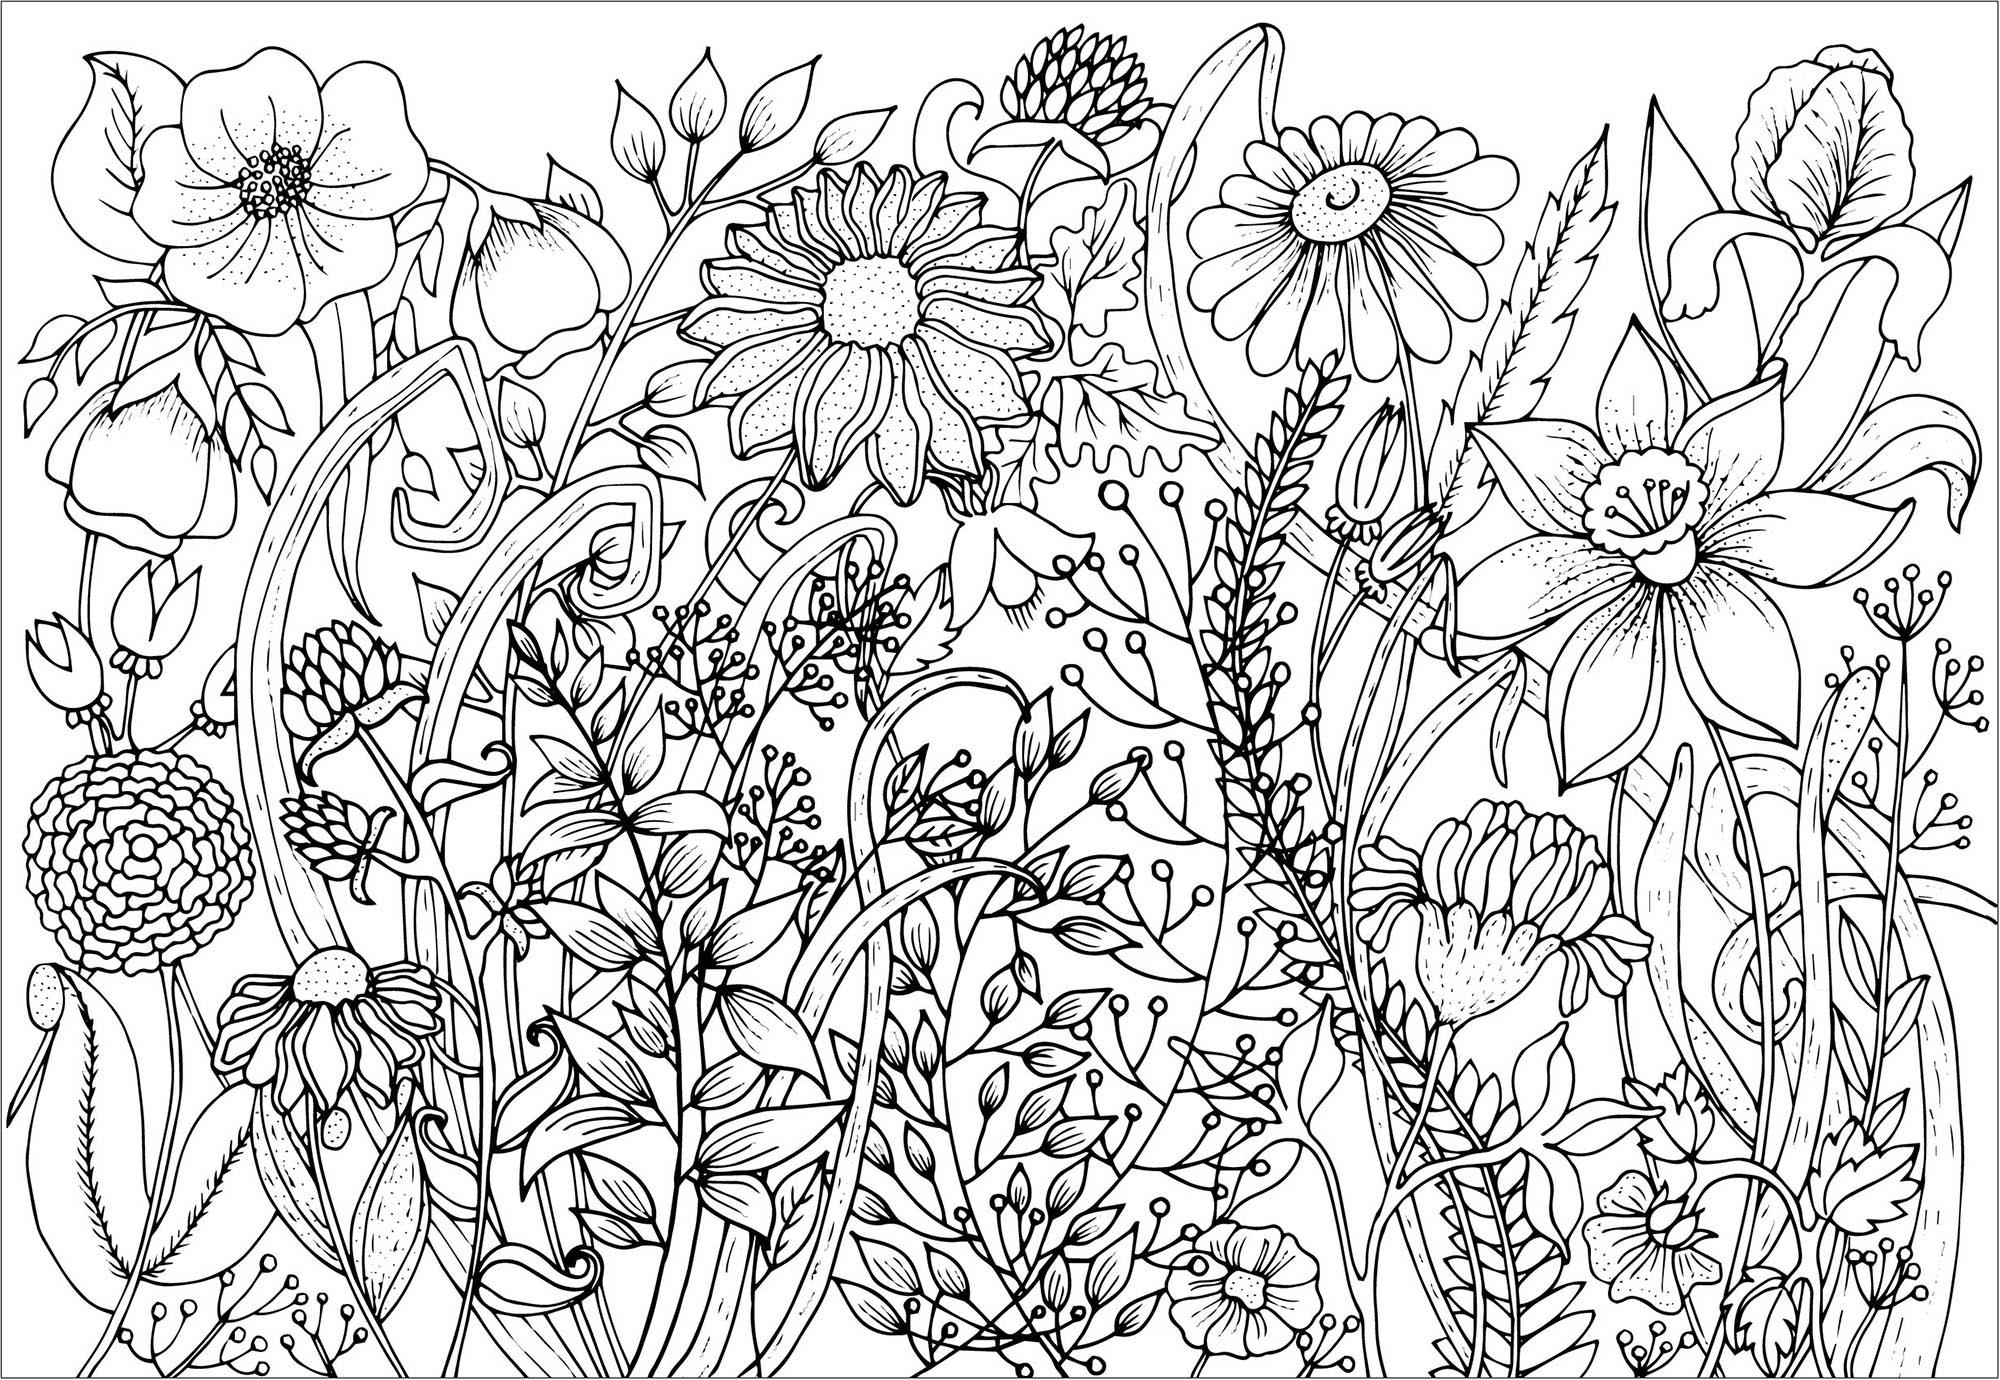 Colorear para Adultos : Flores y vegetación - 2